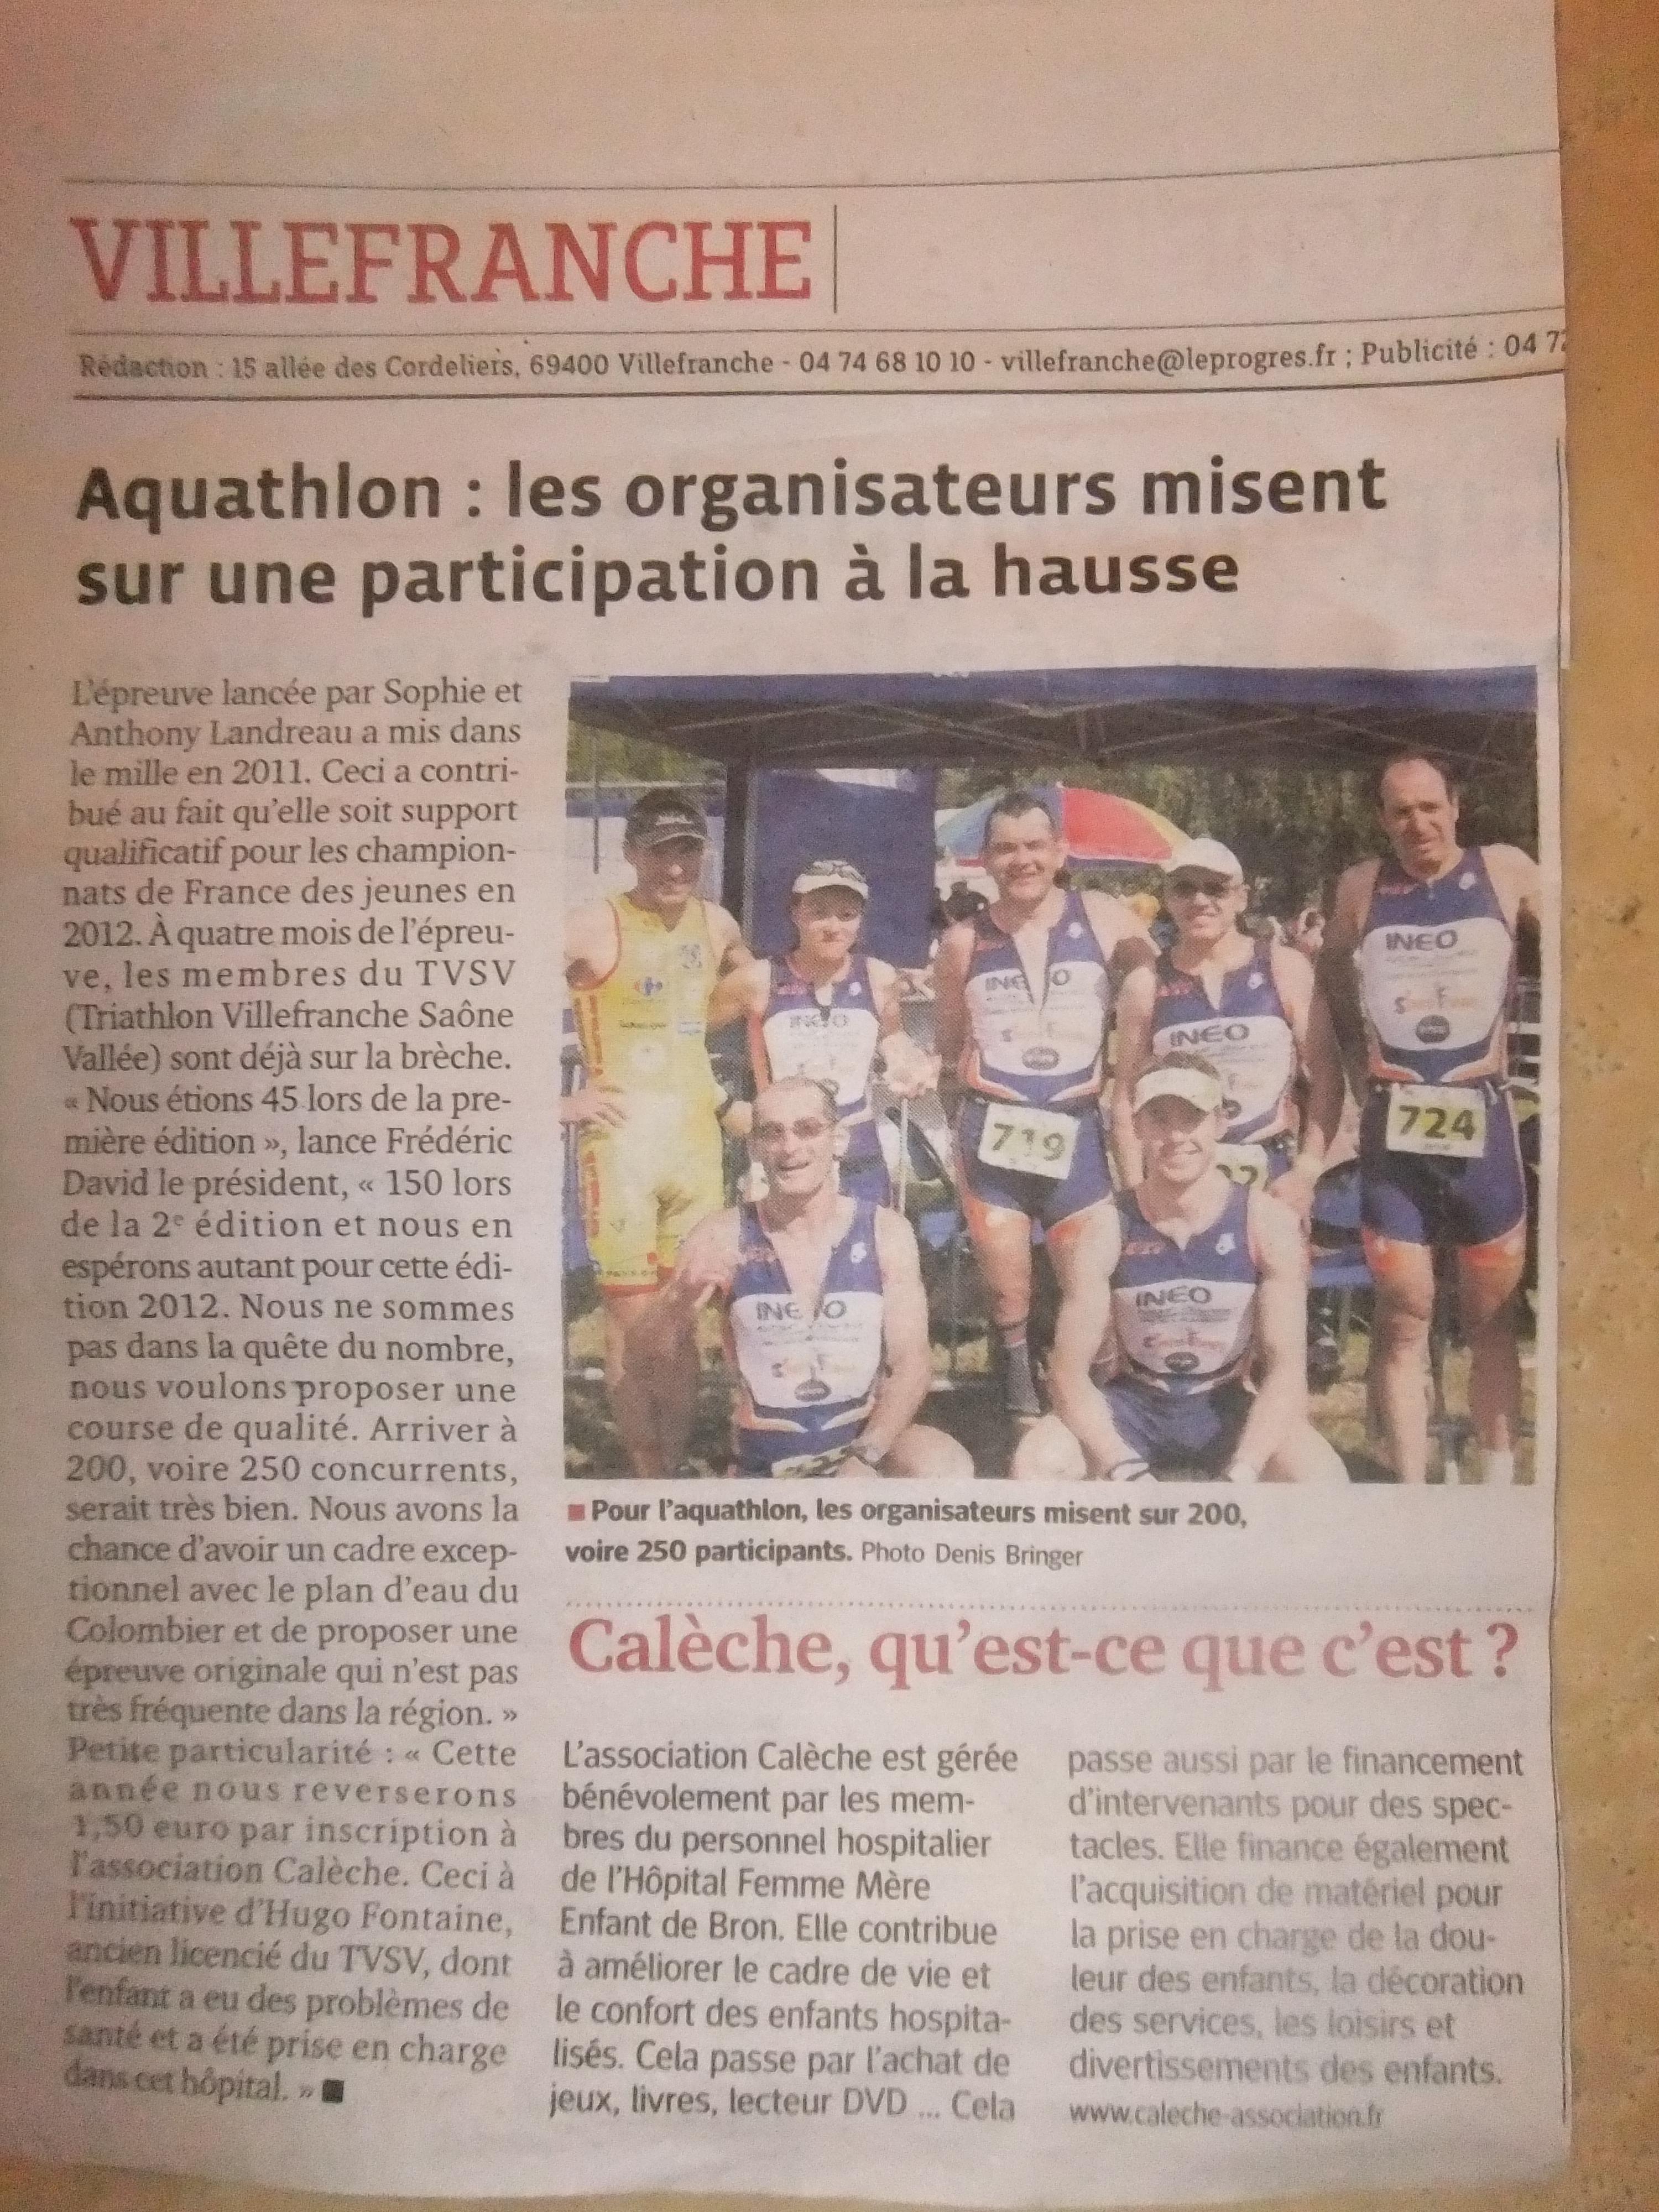 LE PROGRES Aquathlon  les organisateurs misent sur une participation en hausse